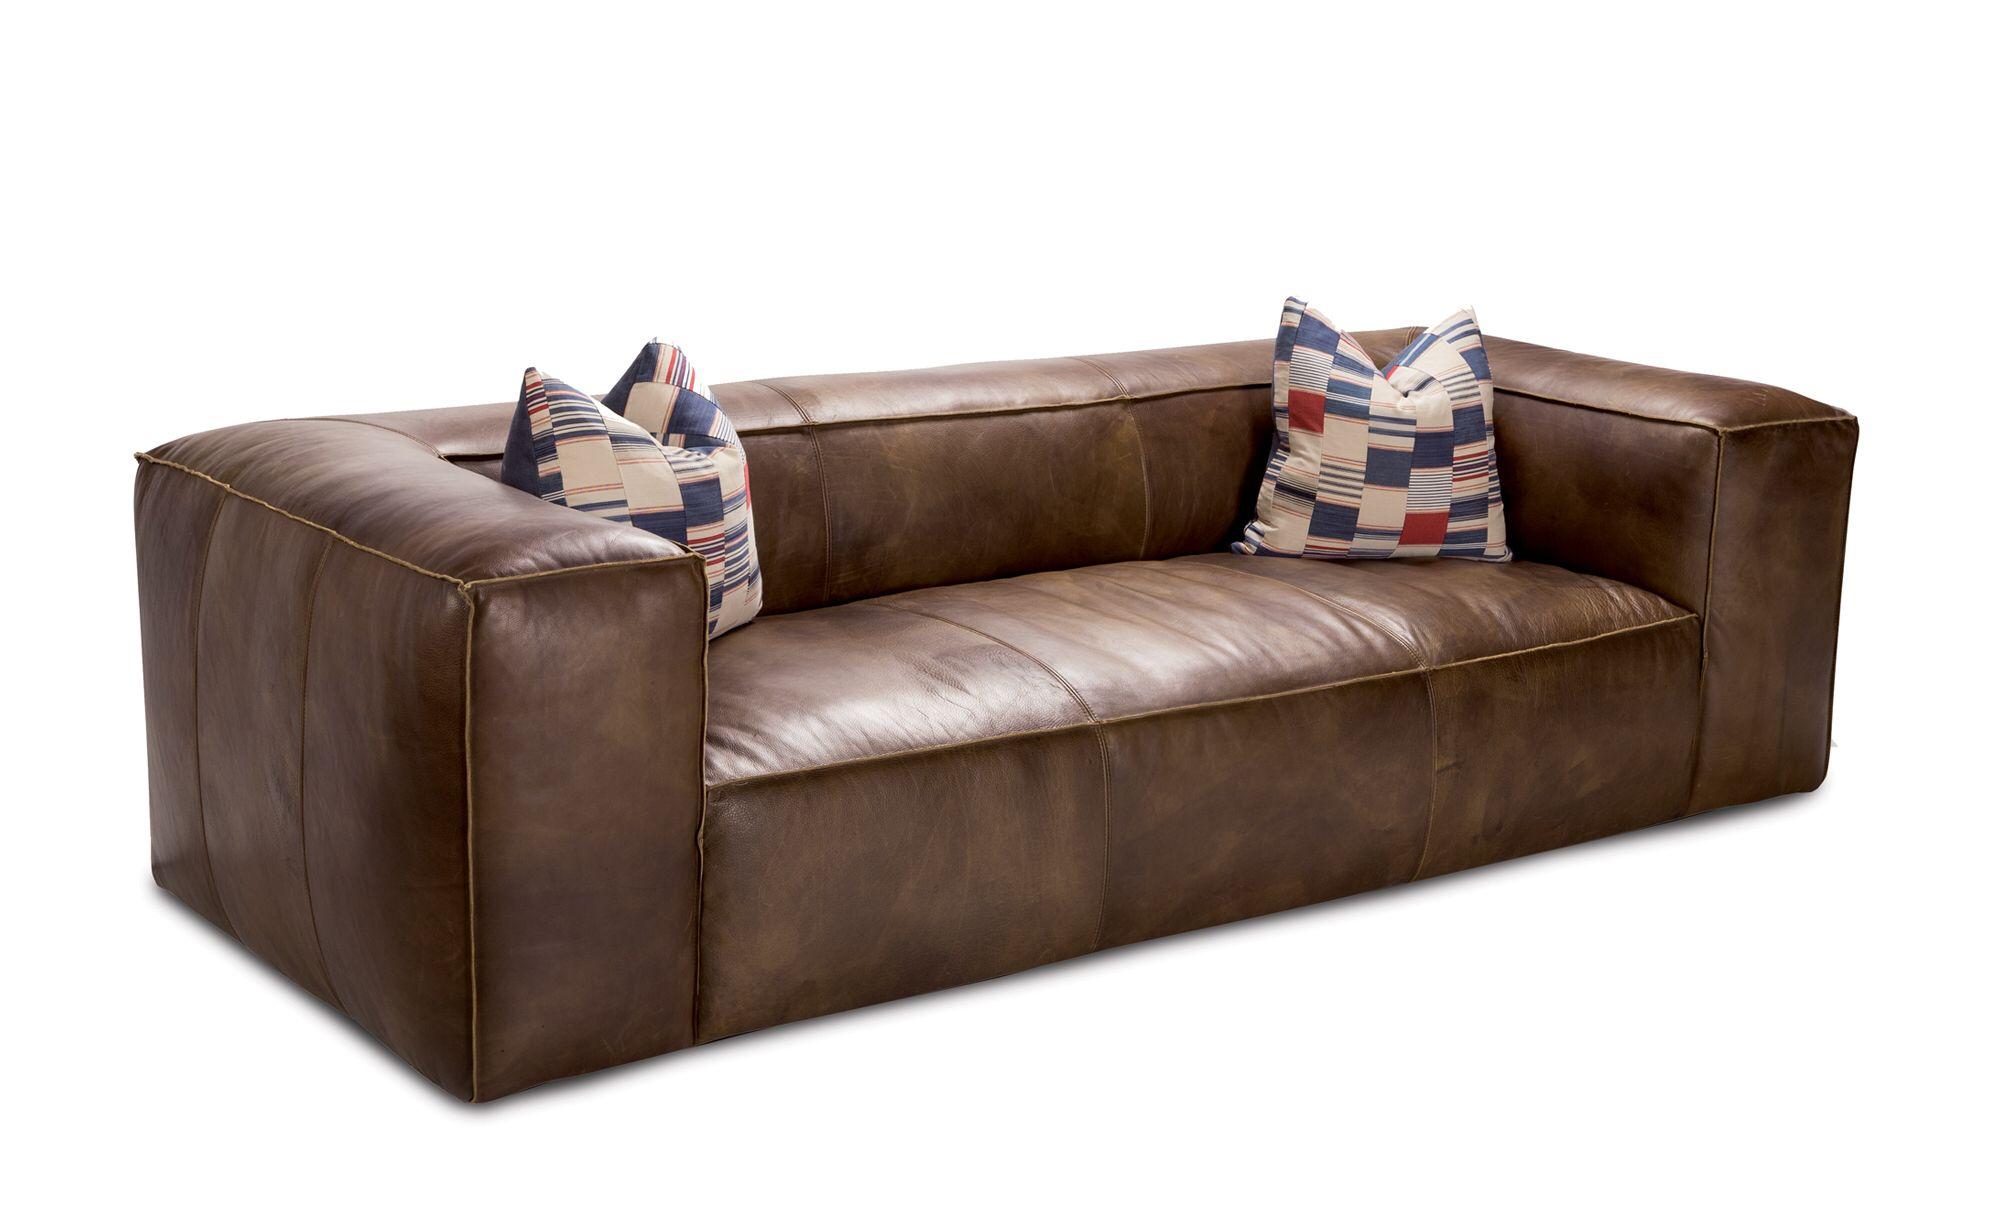 Matador Outdoor Kitchen Timothy Oulton Matador Nuez Scruffy 3 Seater Leather Sofa